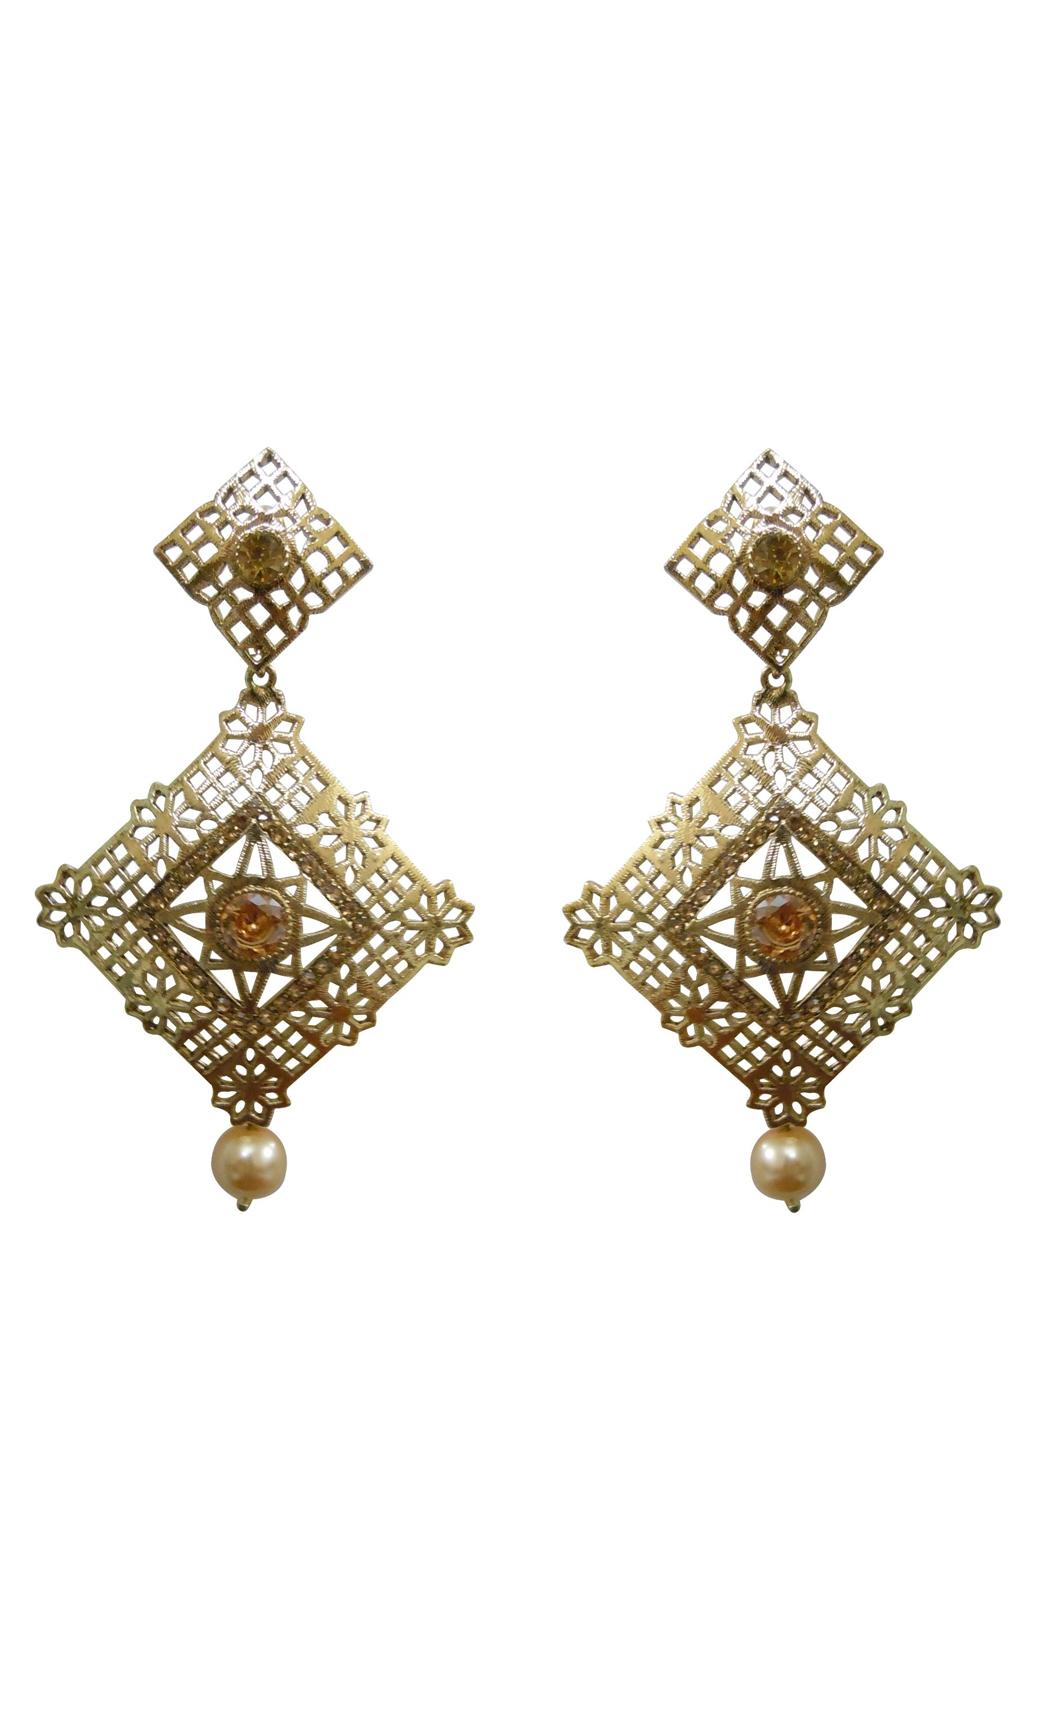 Lozenge Gold Earrings - Shop Online